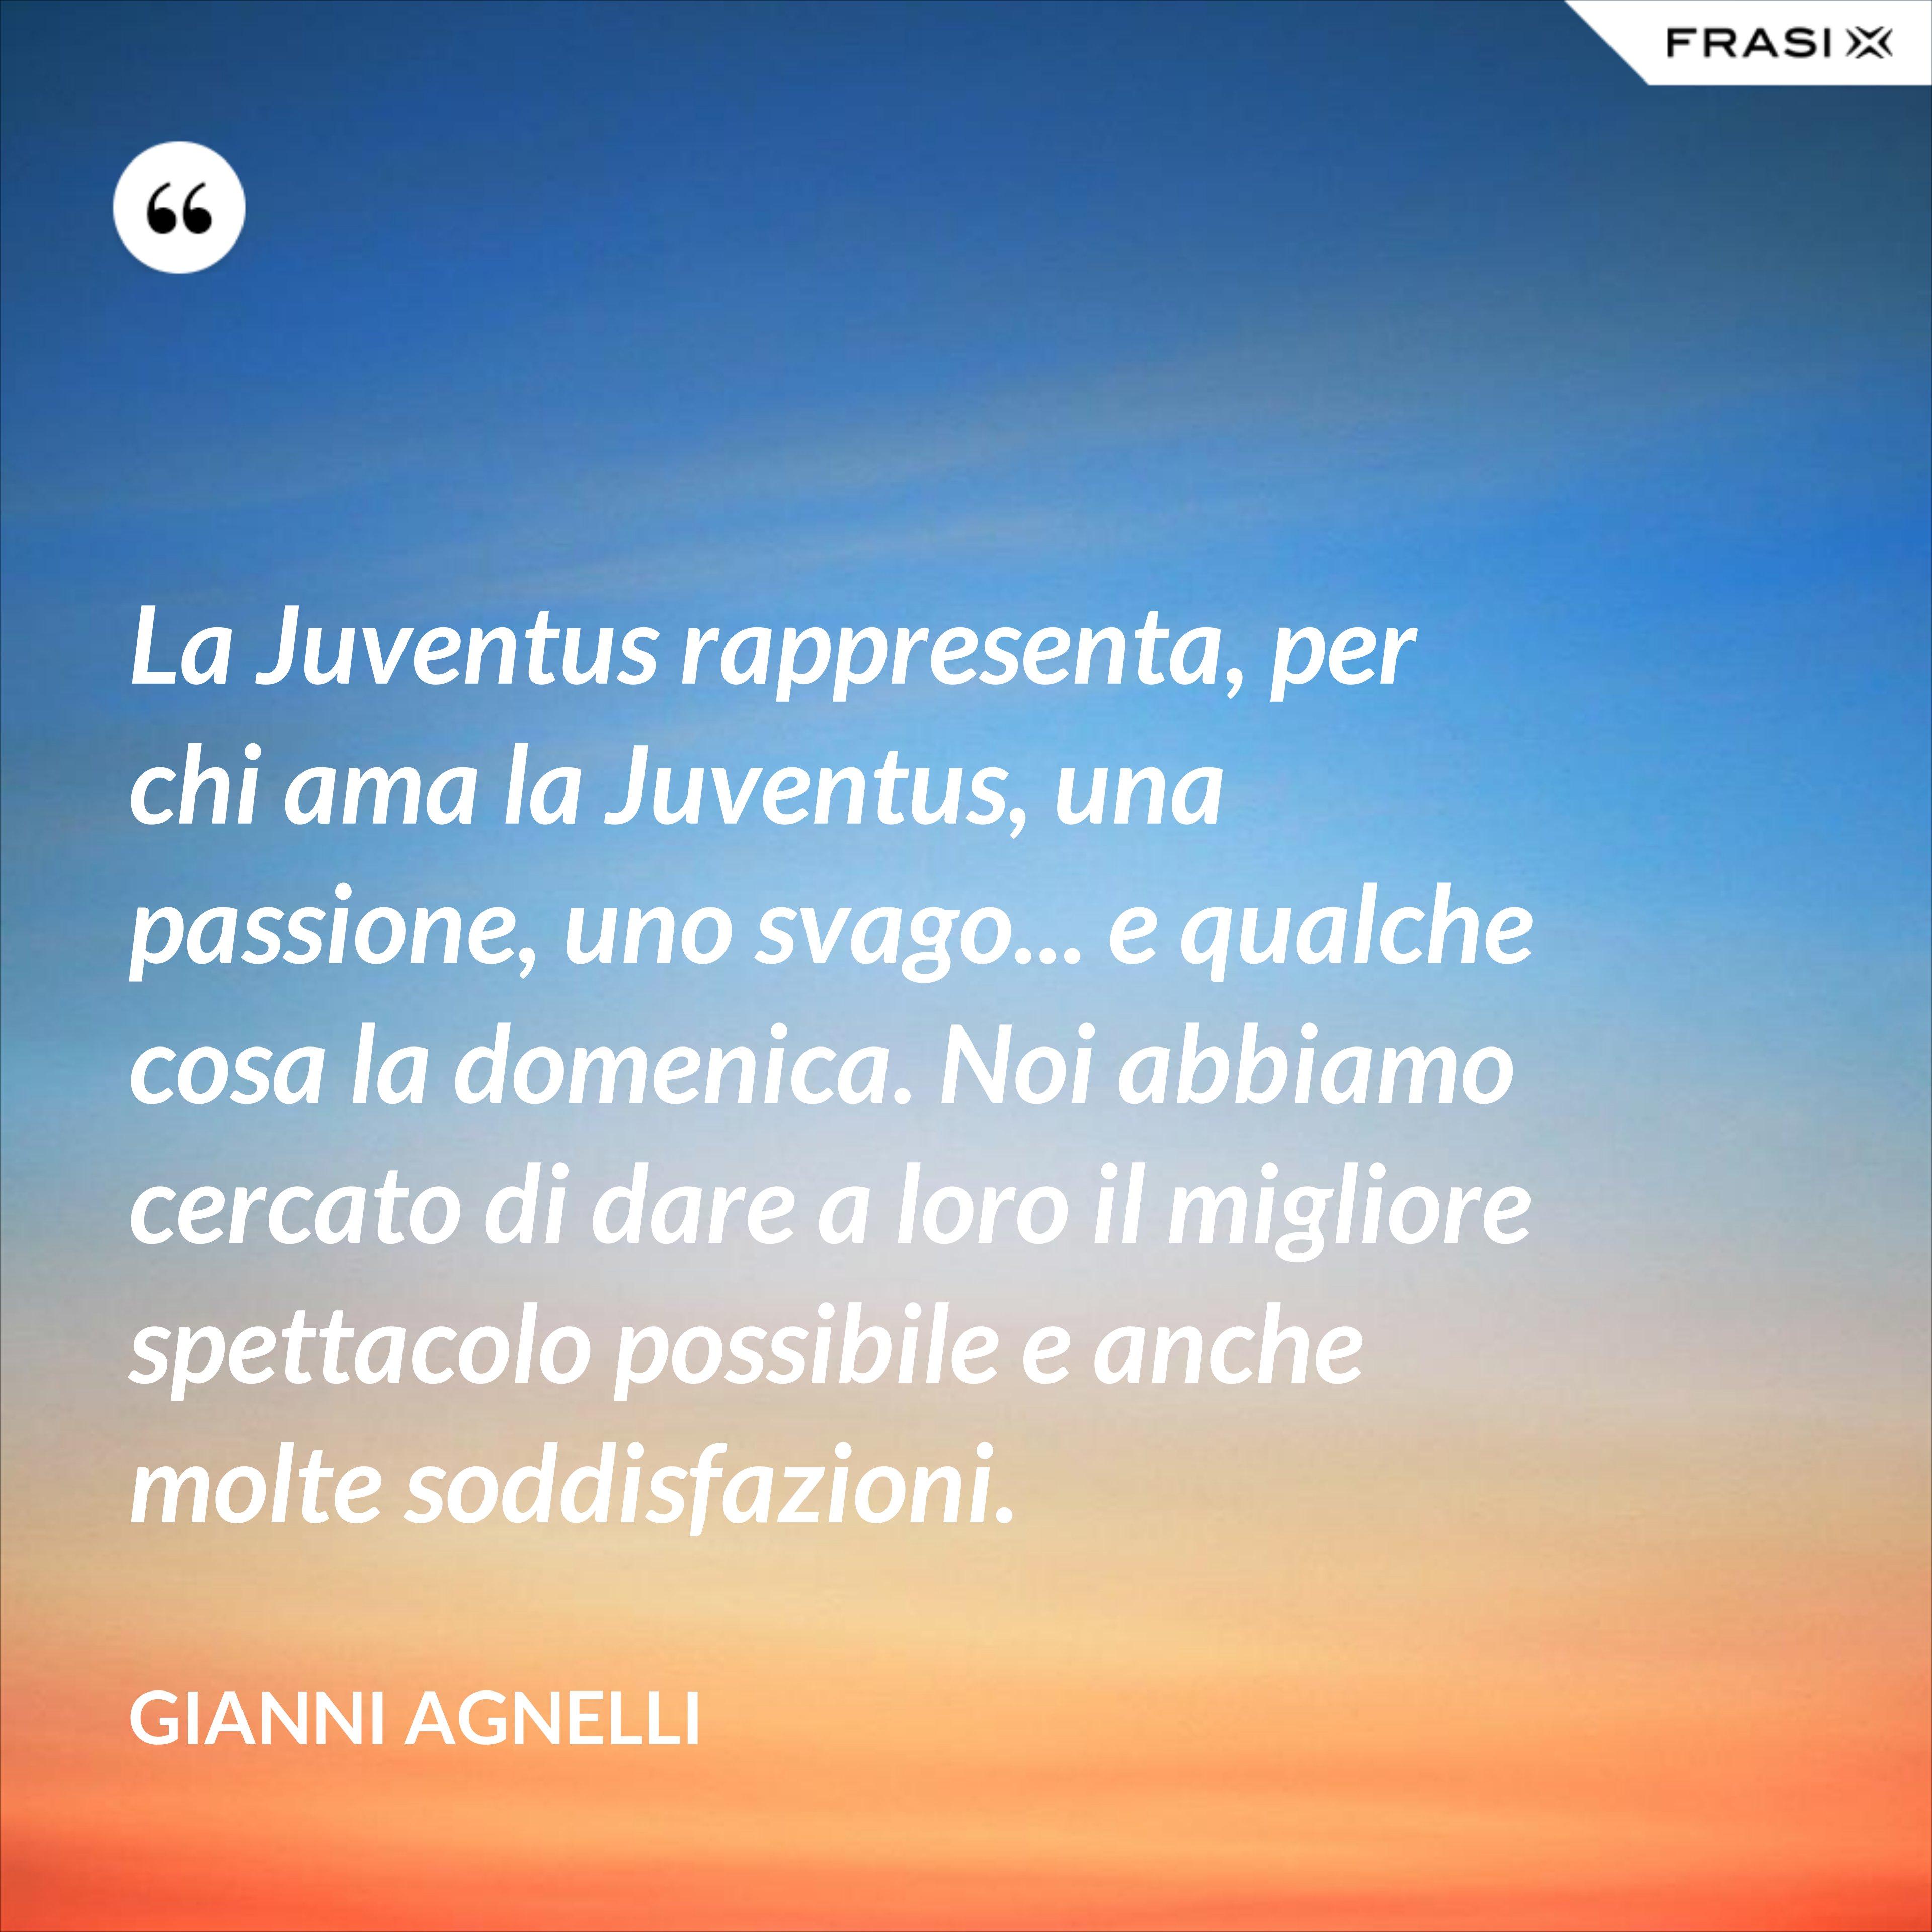 La Juventus rappresenta, per chi ama la Juventus, una passione, uno svago... e qualche cosa la domenica. Noi abbiamo cercato di dare a loro il migliore spettacolo possibile e anche molte soddisfazioni. - Gianni Agnelli